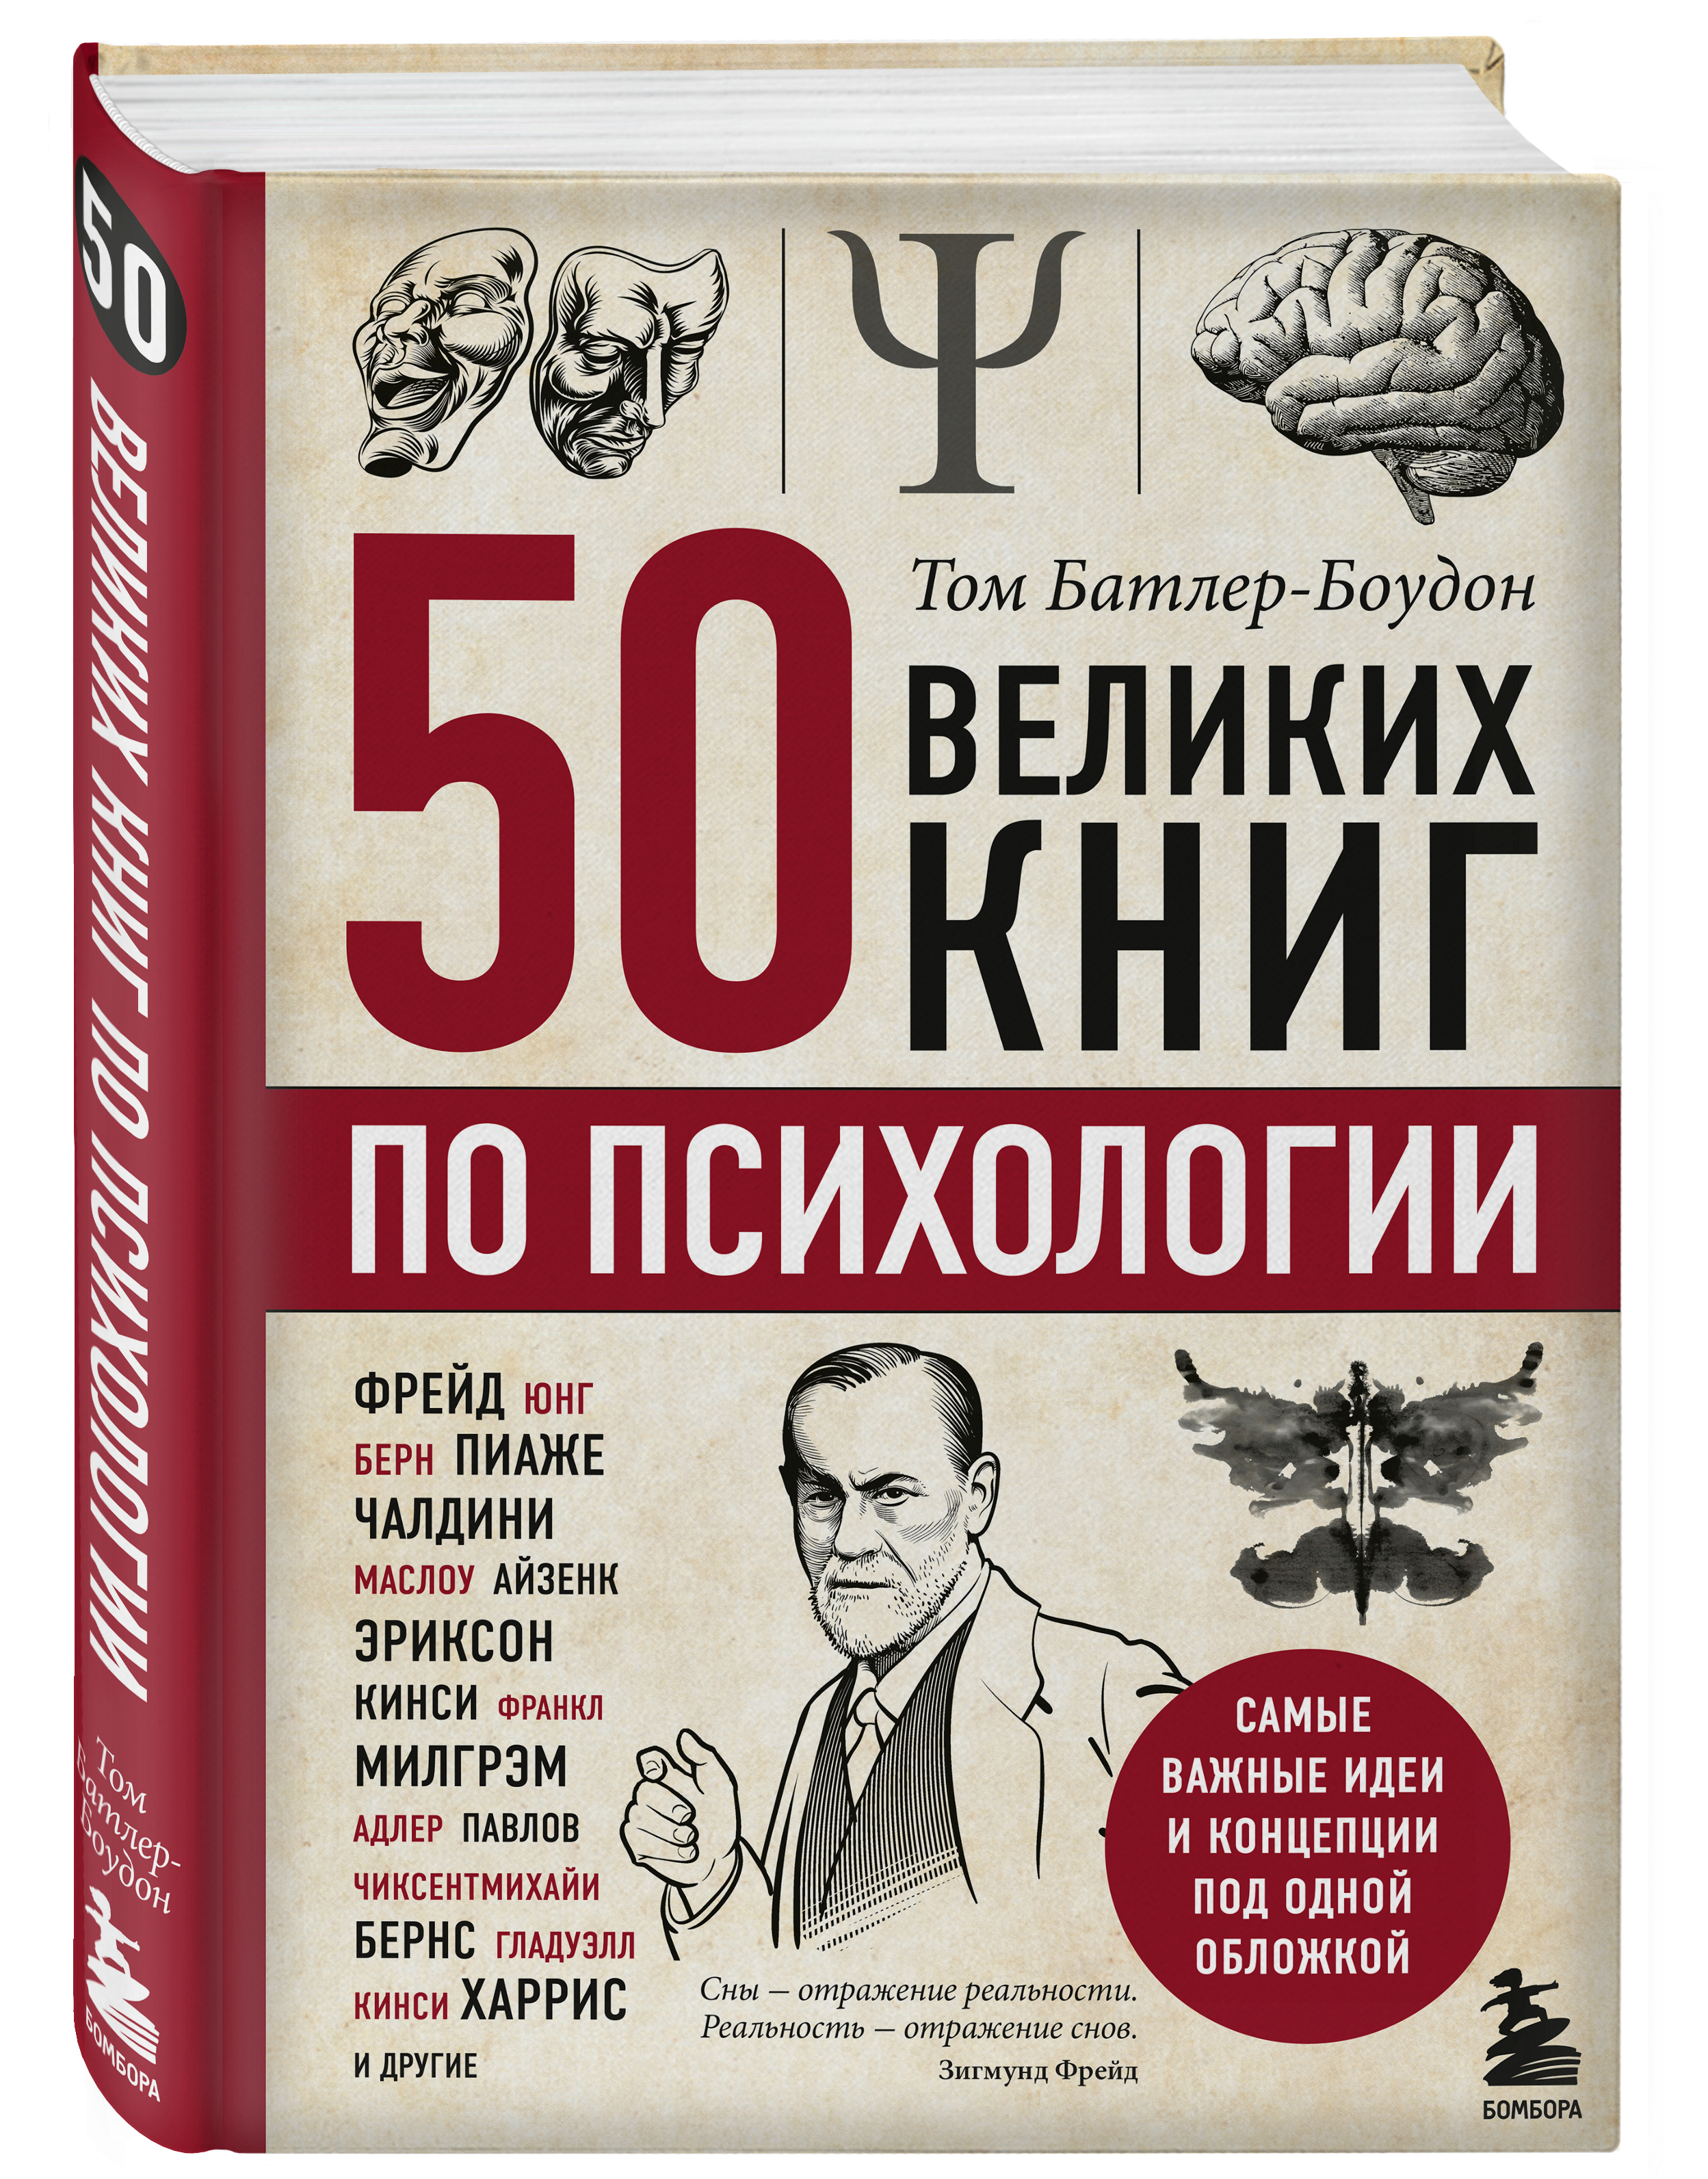 Батлер-Боудон Т. 50 великих книг по психологии ISBN: 978-5-04-097260-9 том батлер боудон созидающая визуализация шакти гавейн обзор